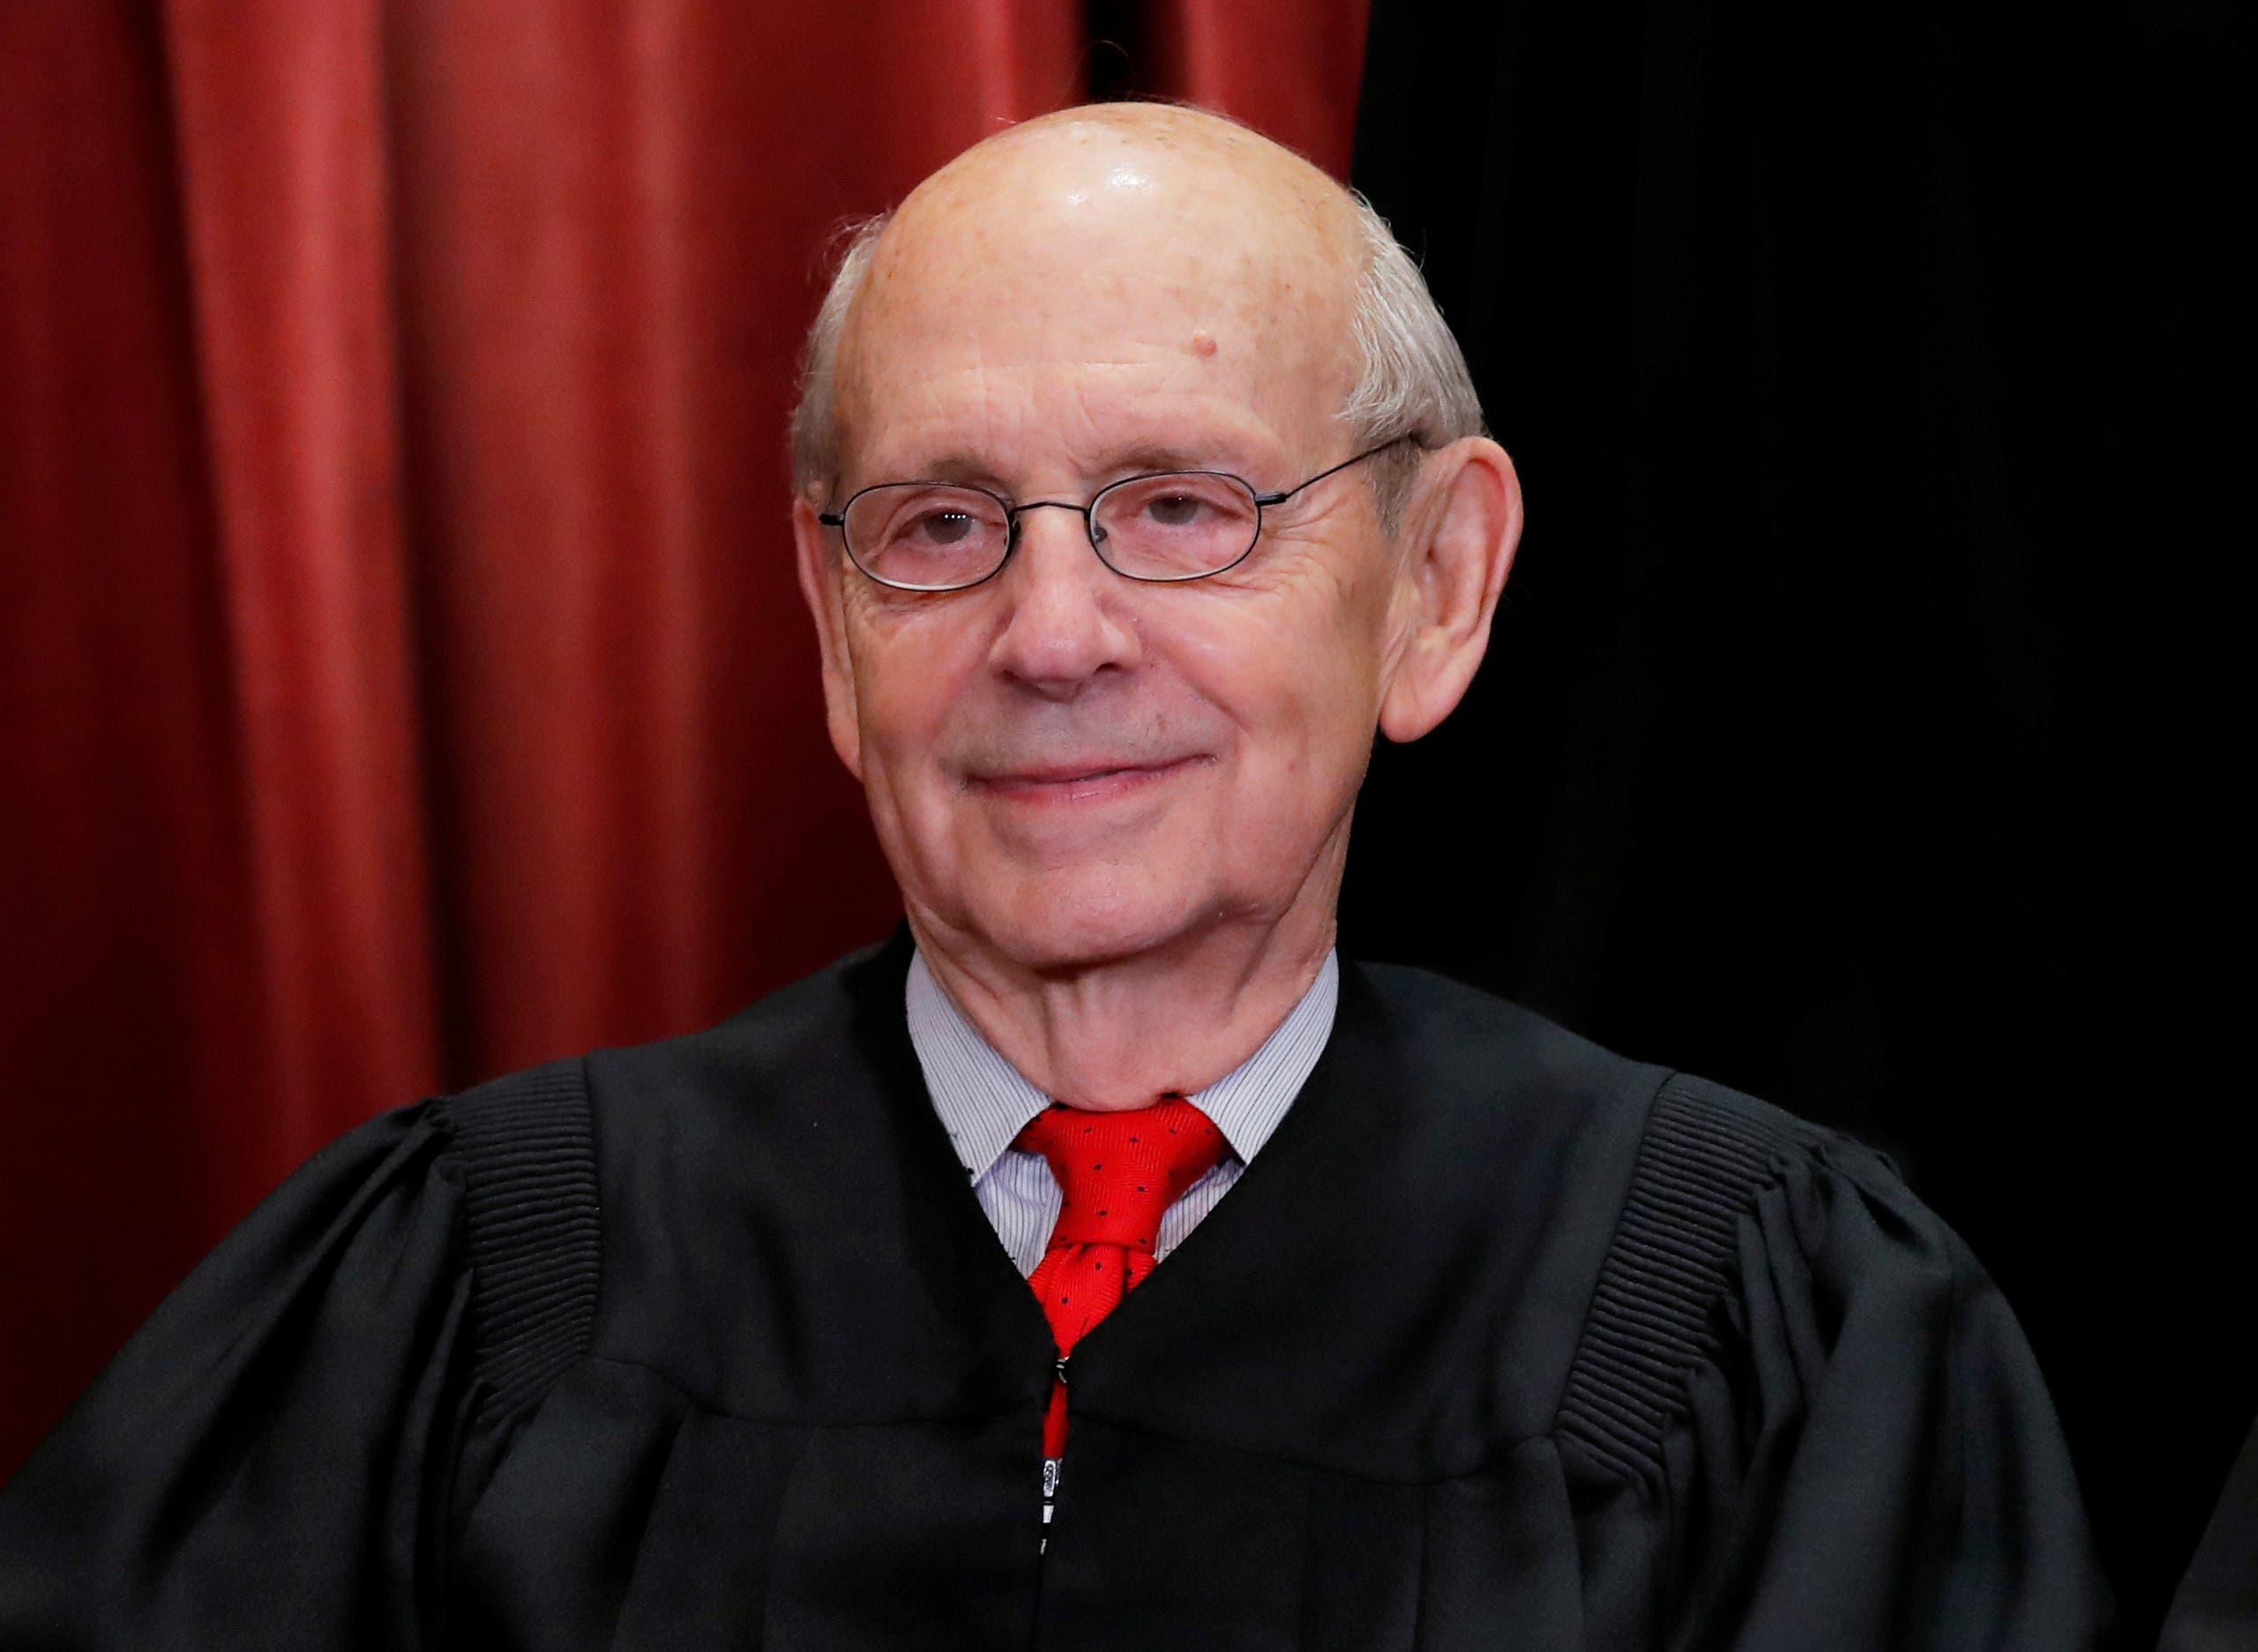 قاضي المحكمة العليا ستيفن براير